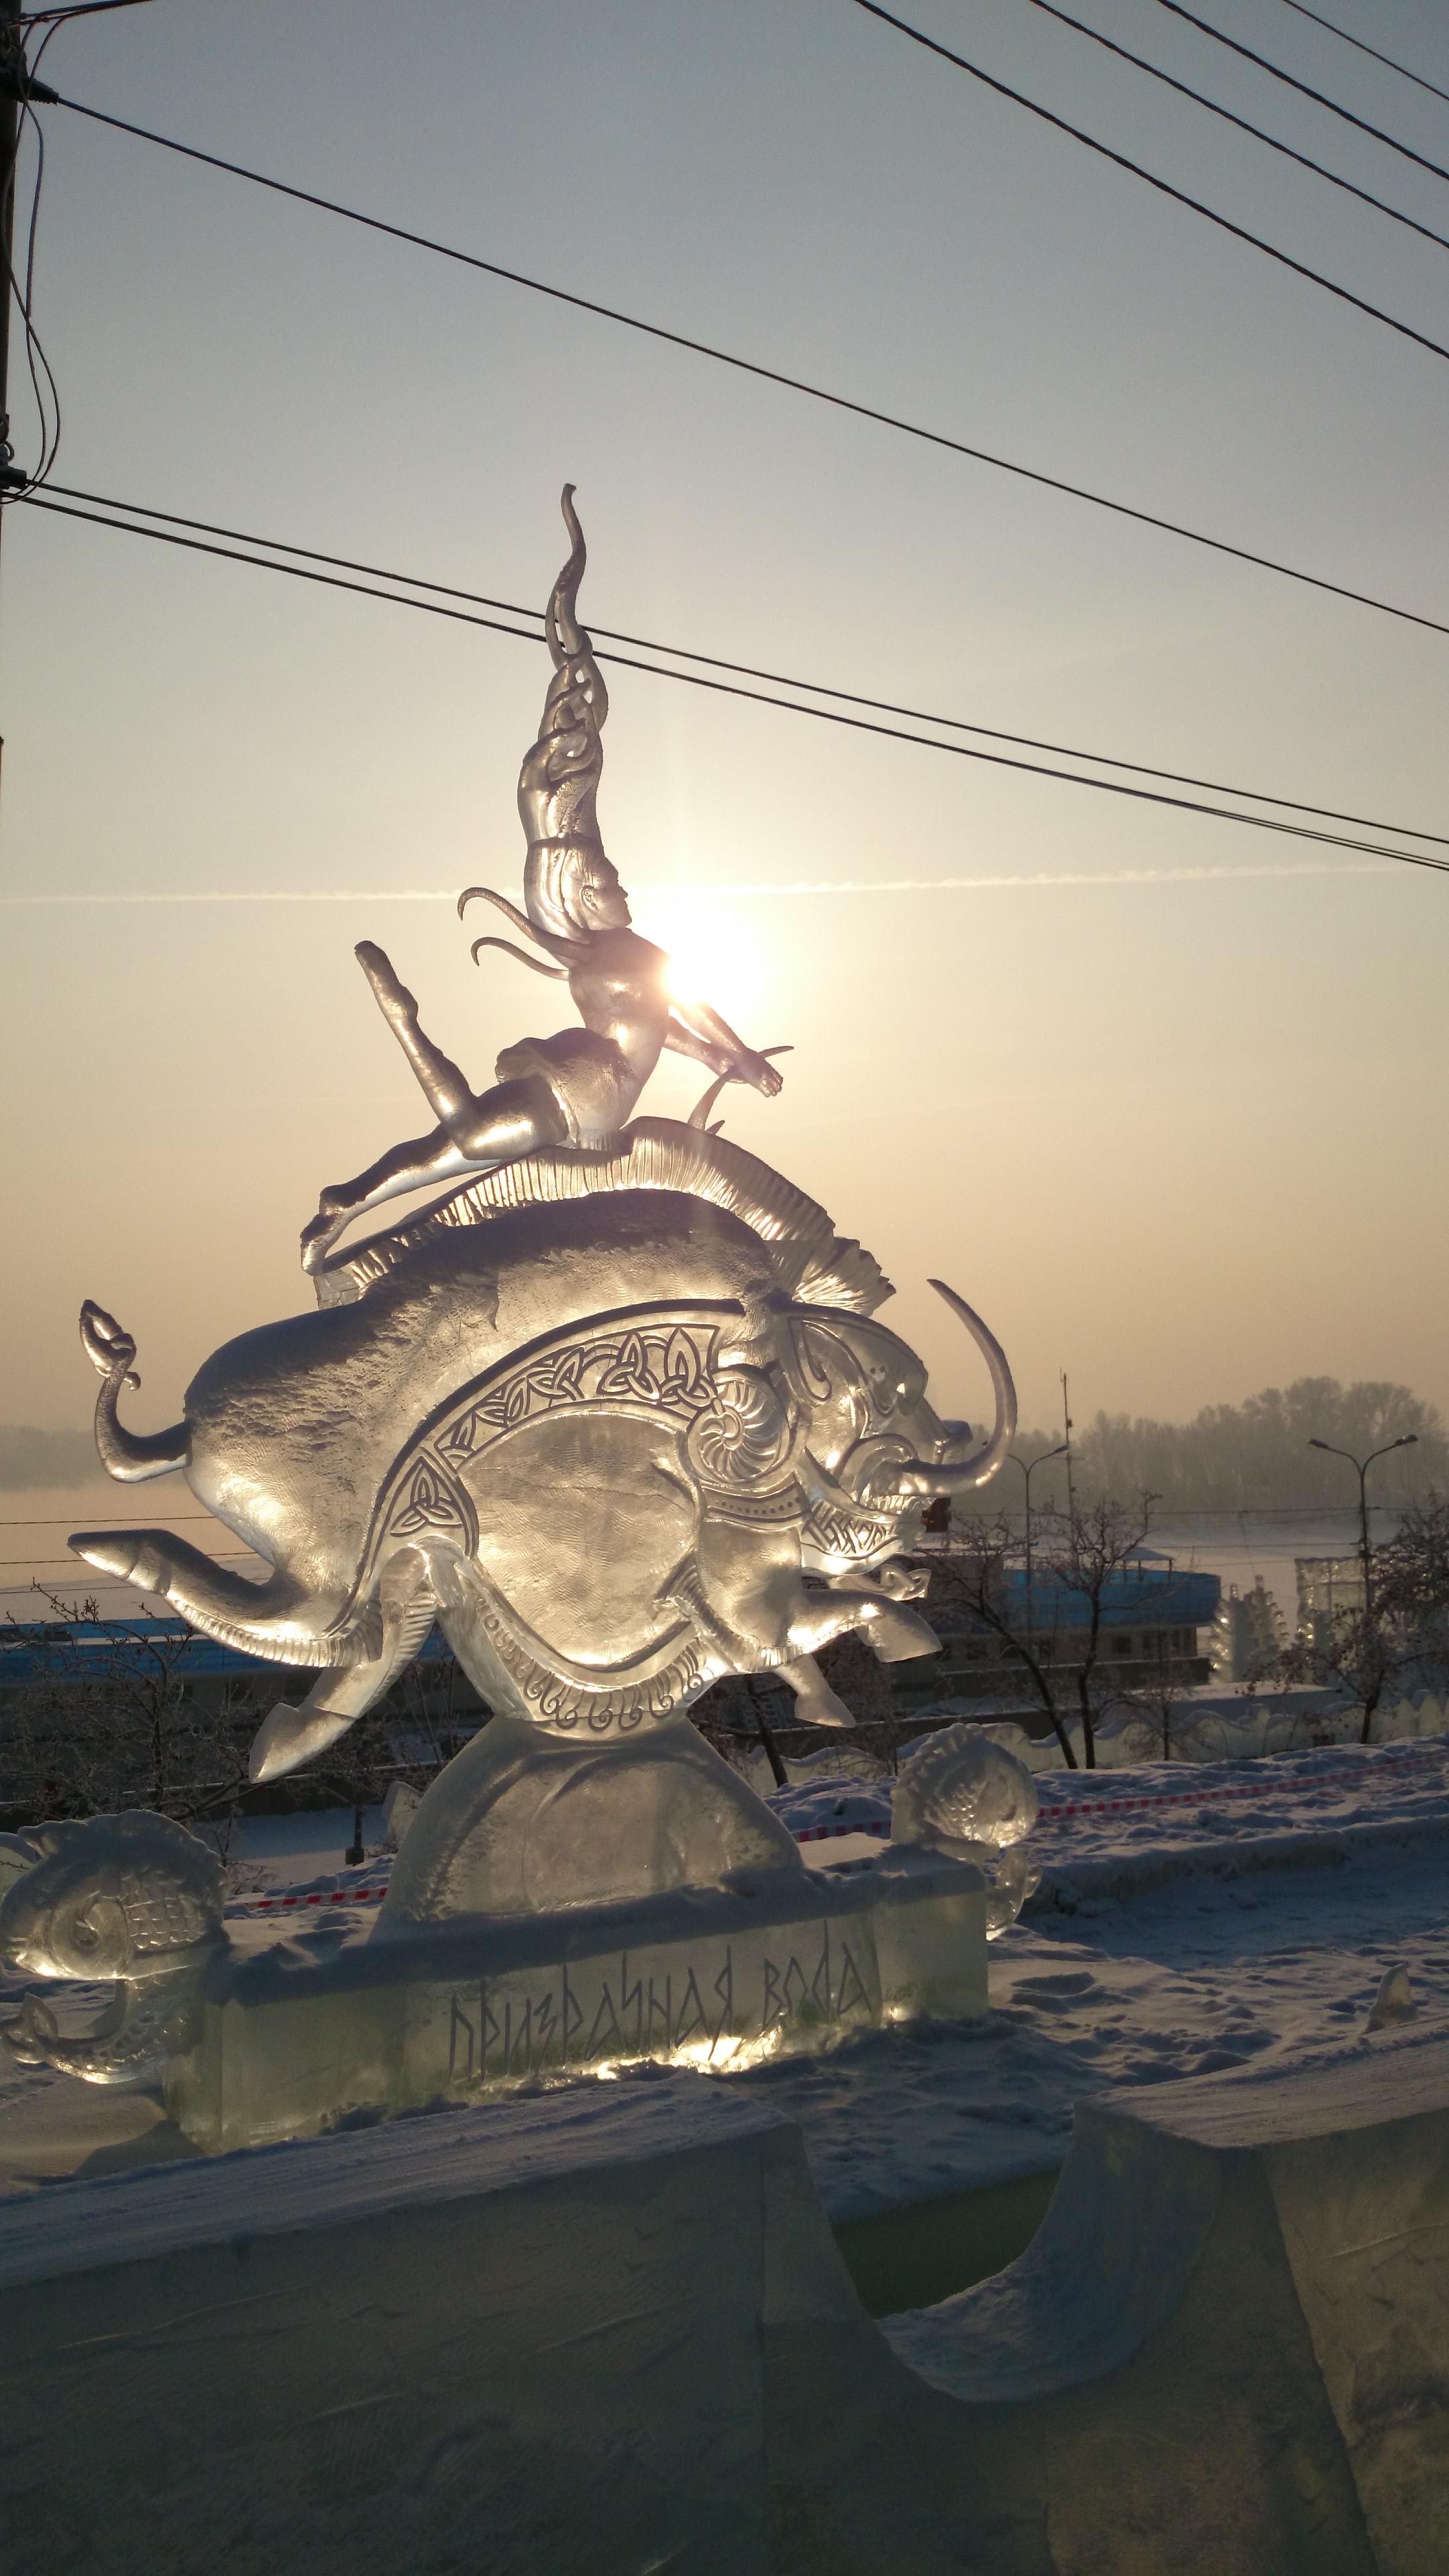 Красноярск Ледяные фигуры Мелодия заката.29.01.2016г